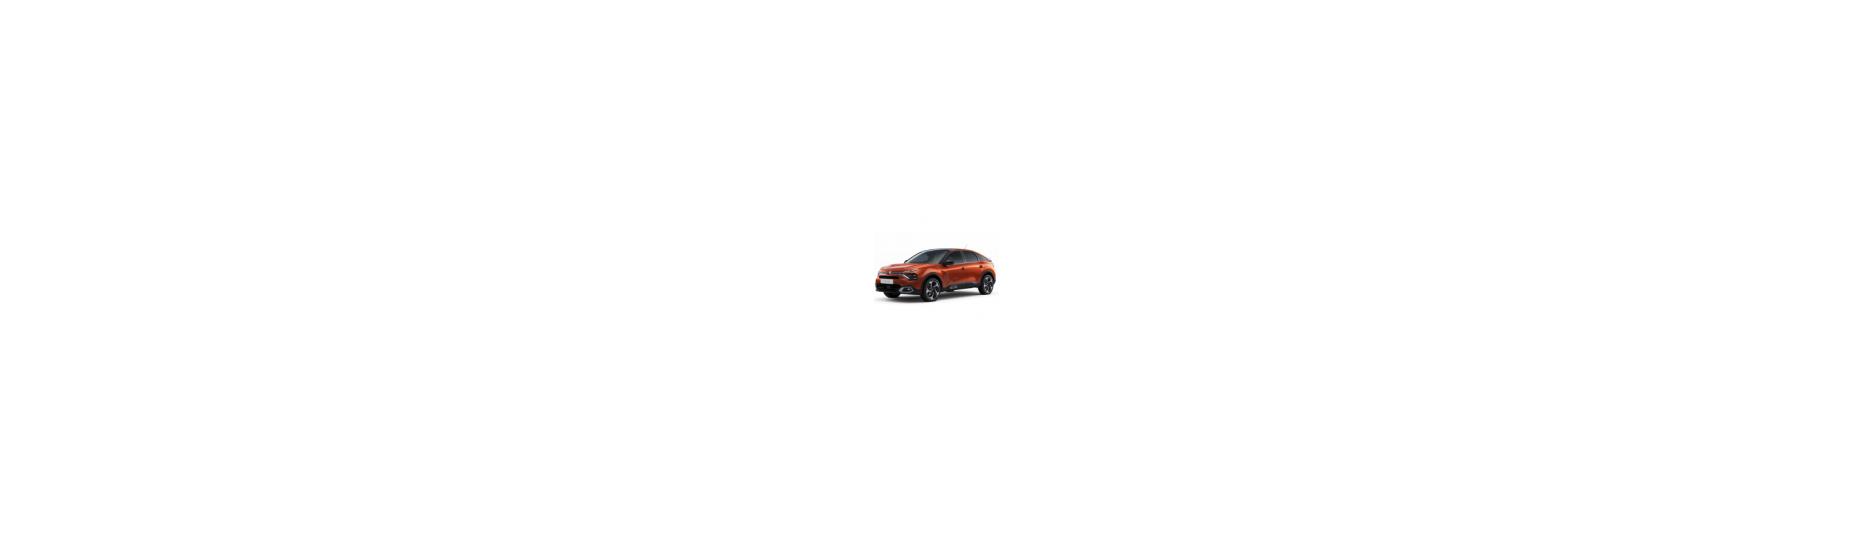 Zvolte Váš vůz